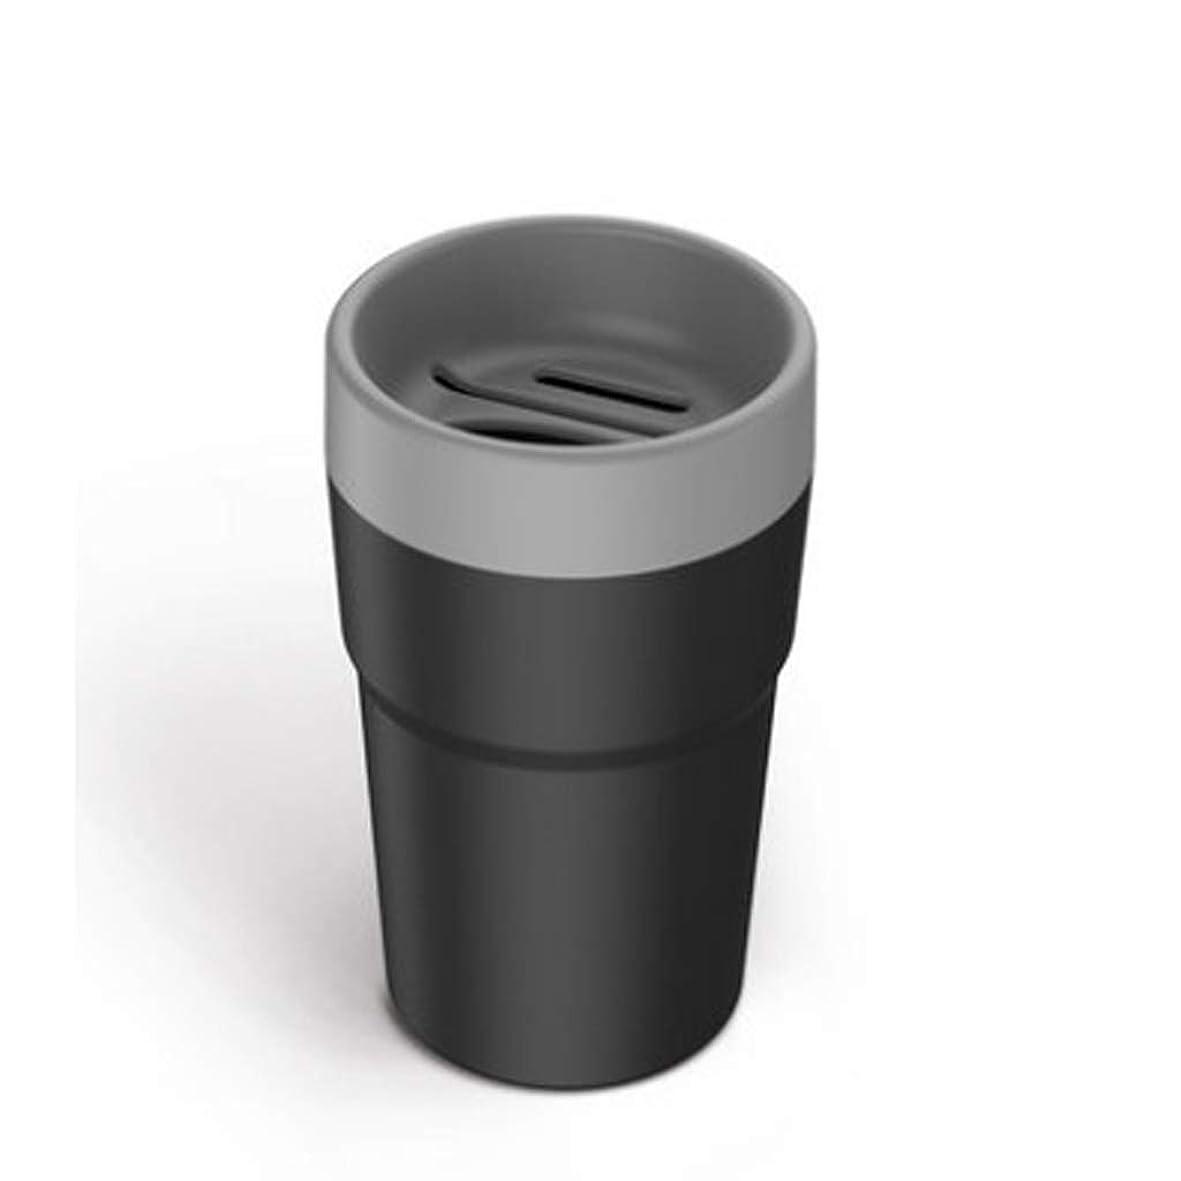 光ぬいぐるみ西TWDYC バケット車の灰皿クラシックバケットファッションプラスチックのラウンド灰皿喫煙タバコの灰皿